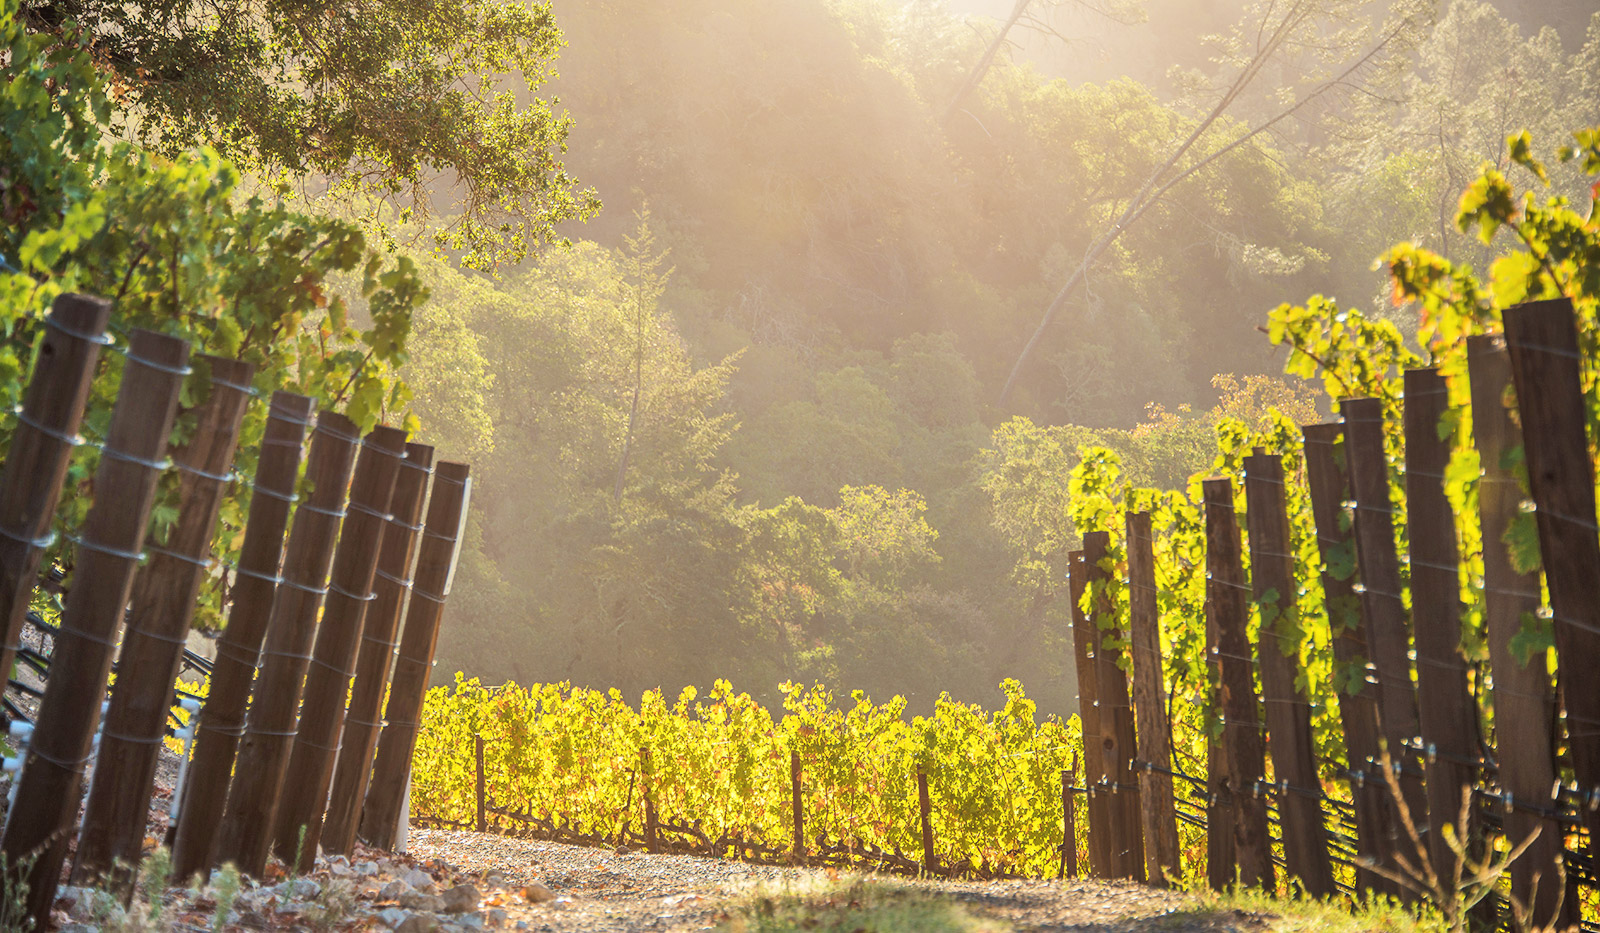 Vineyard Shot - Path